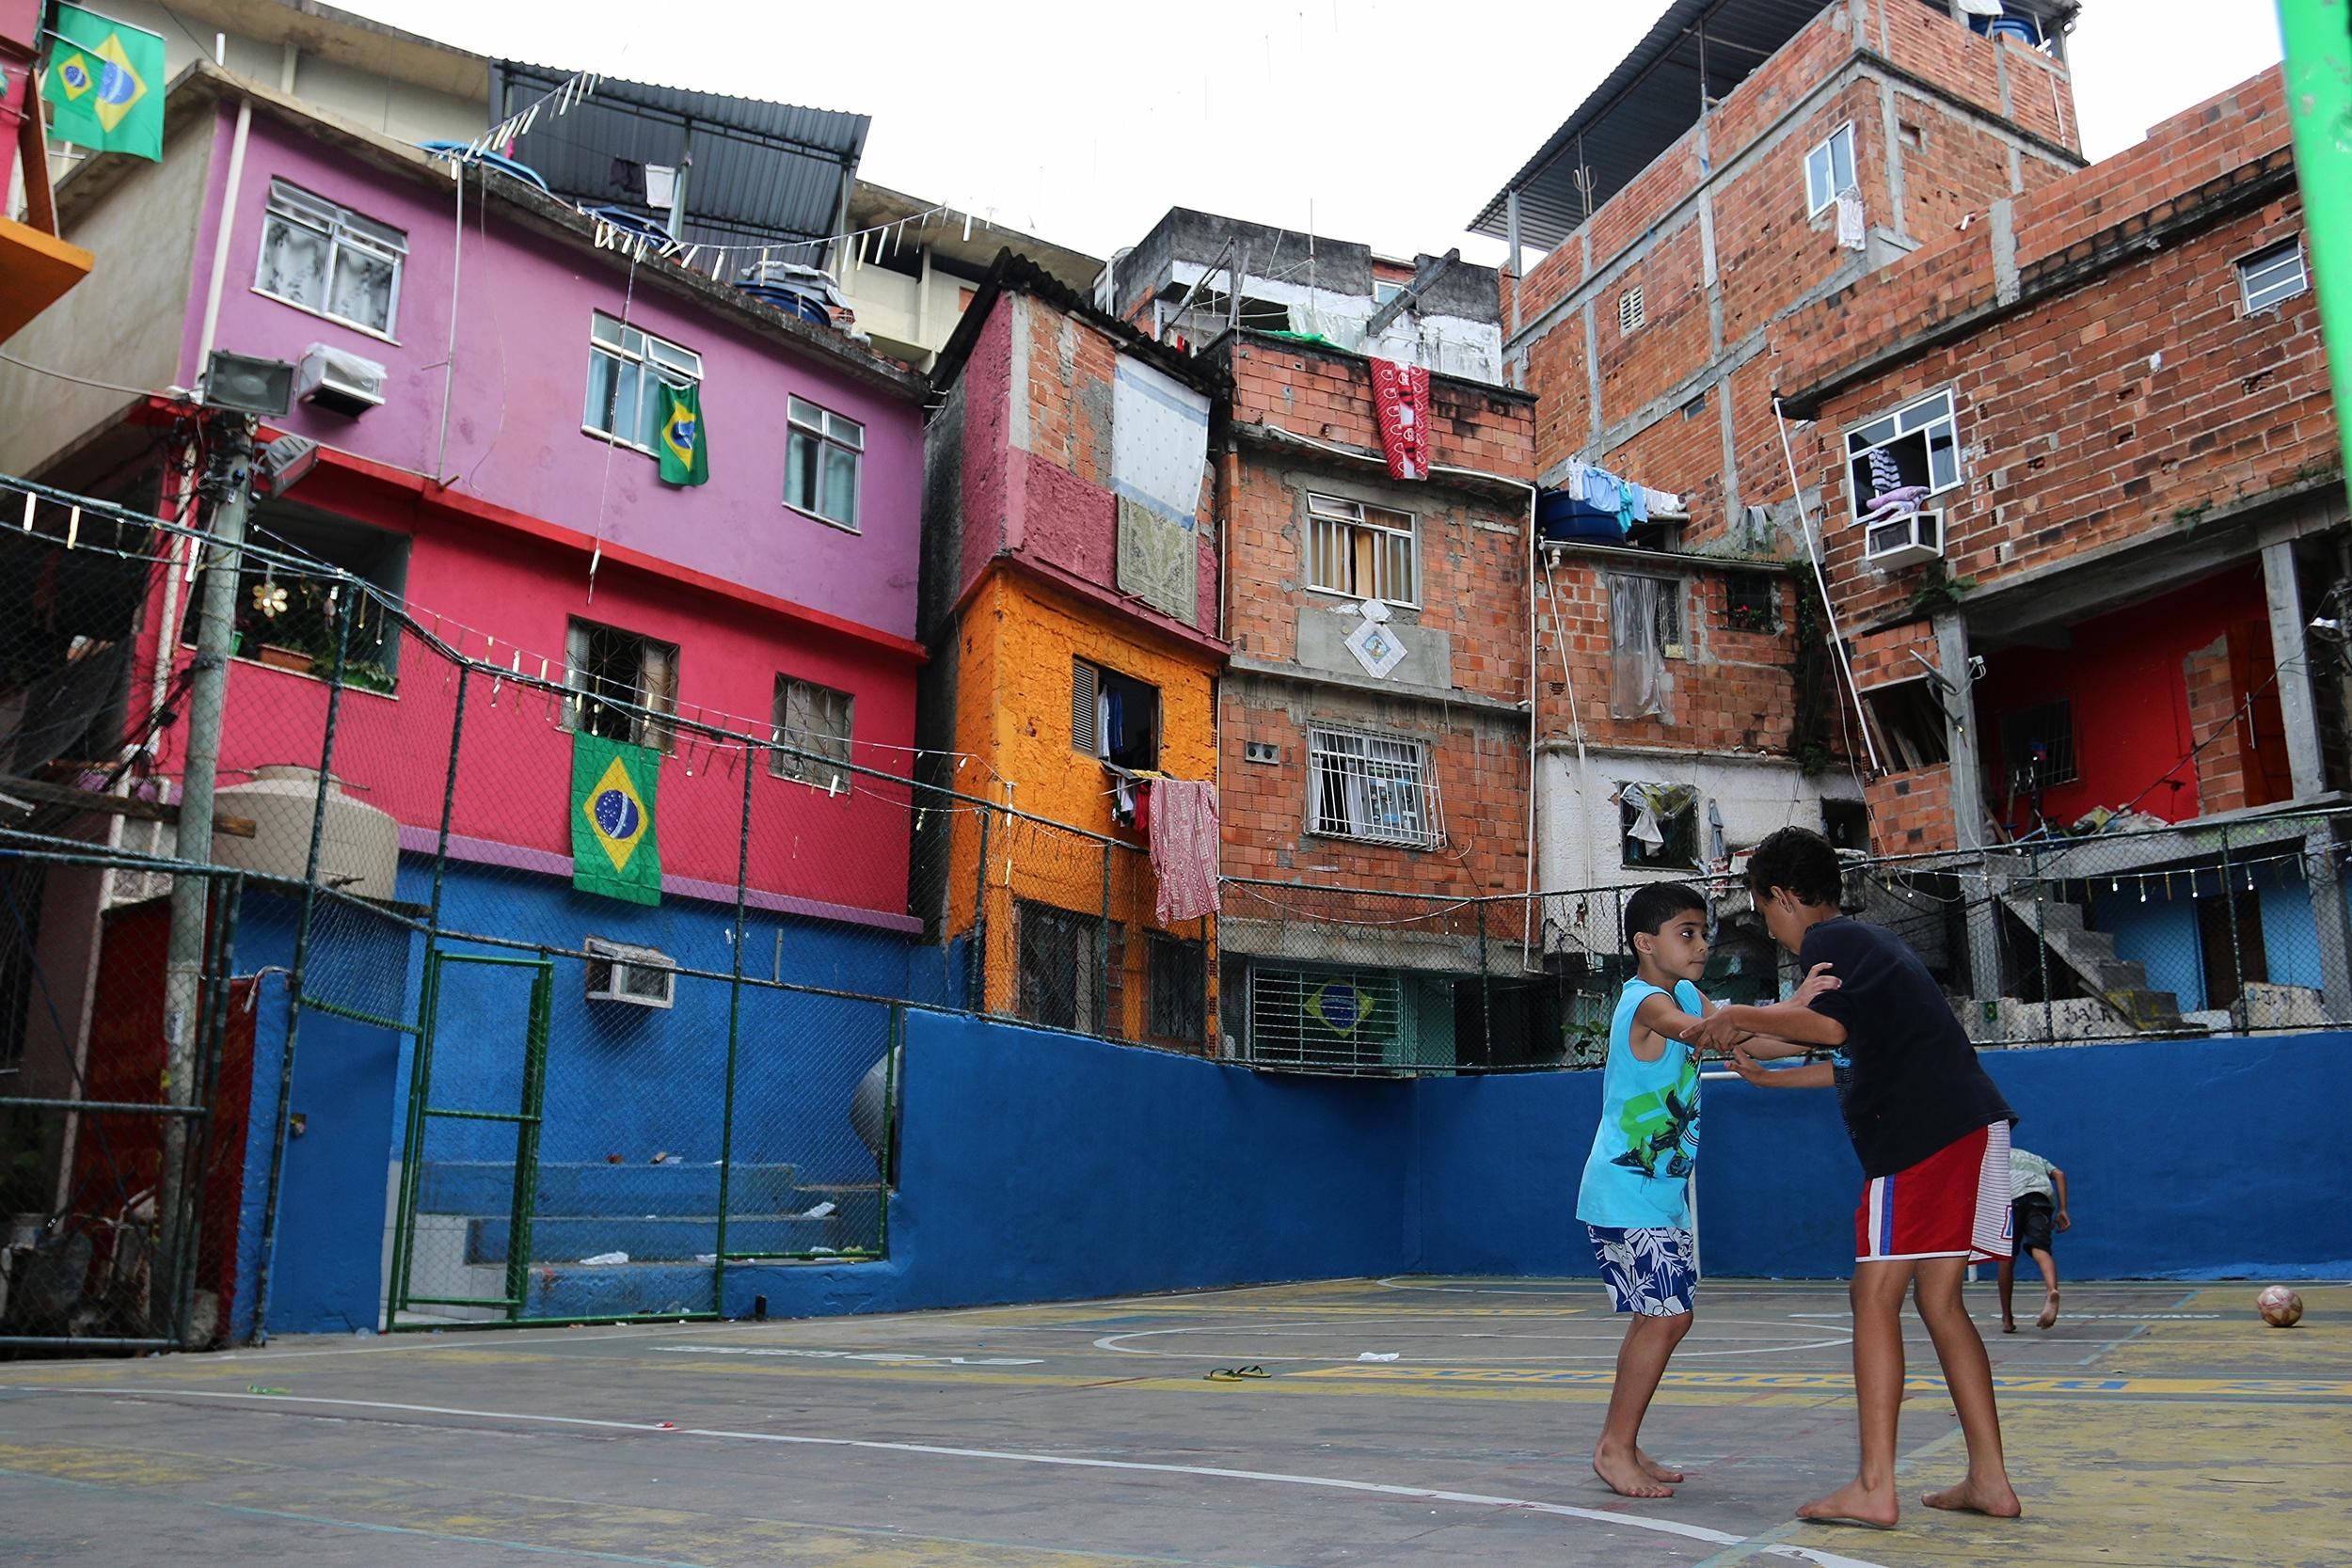 Favela futebol -- Tavares Bastos, Rio de Janeiro, Brazil